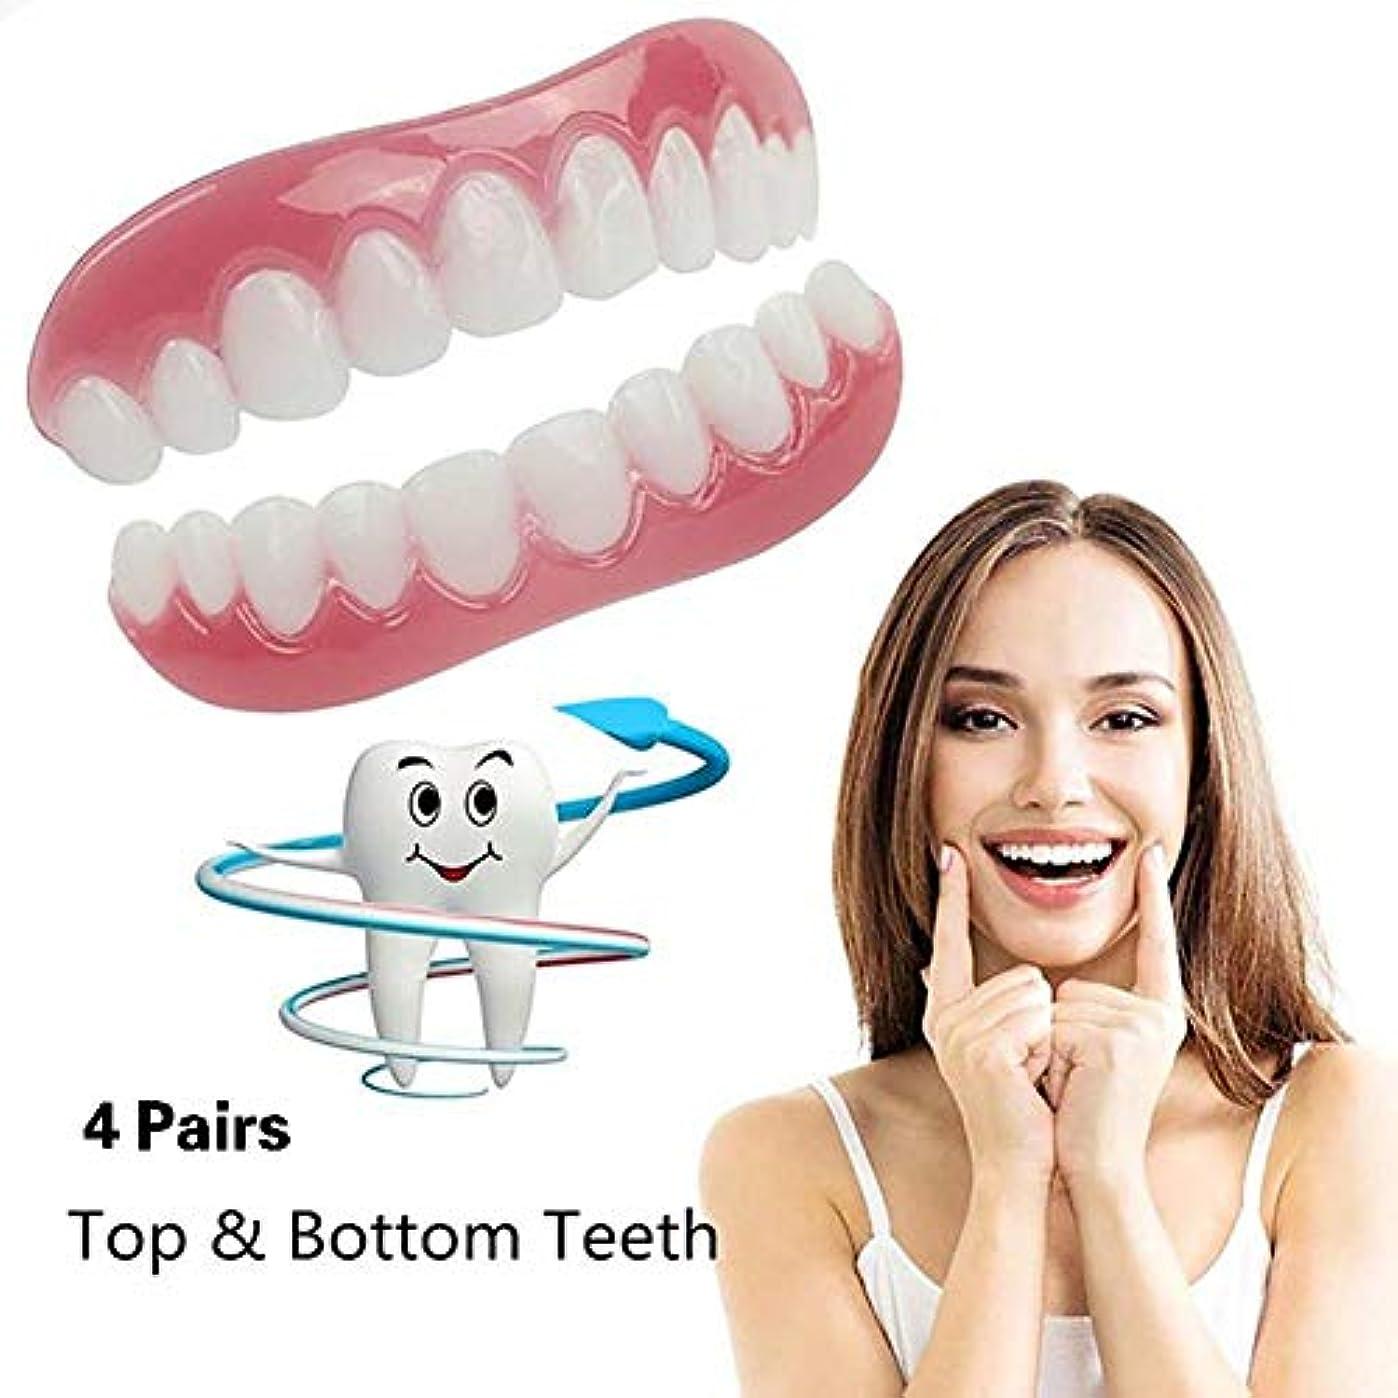 ドラゴン蒸発葬儀8本のシリコーンの歯のベニヤ化粧品の歯のスナップオンセキュアアッパーローフレックス歯科用ベニヤ義歯ケアホワイトニングパーフェクトトゥースワンサイズフィットすべて